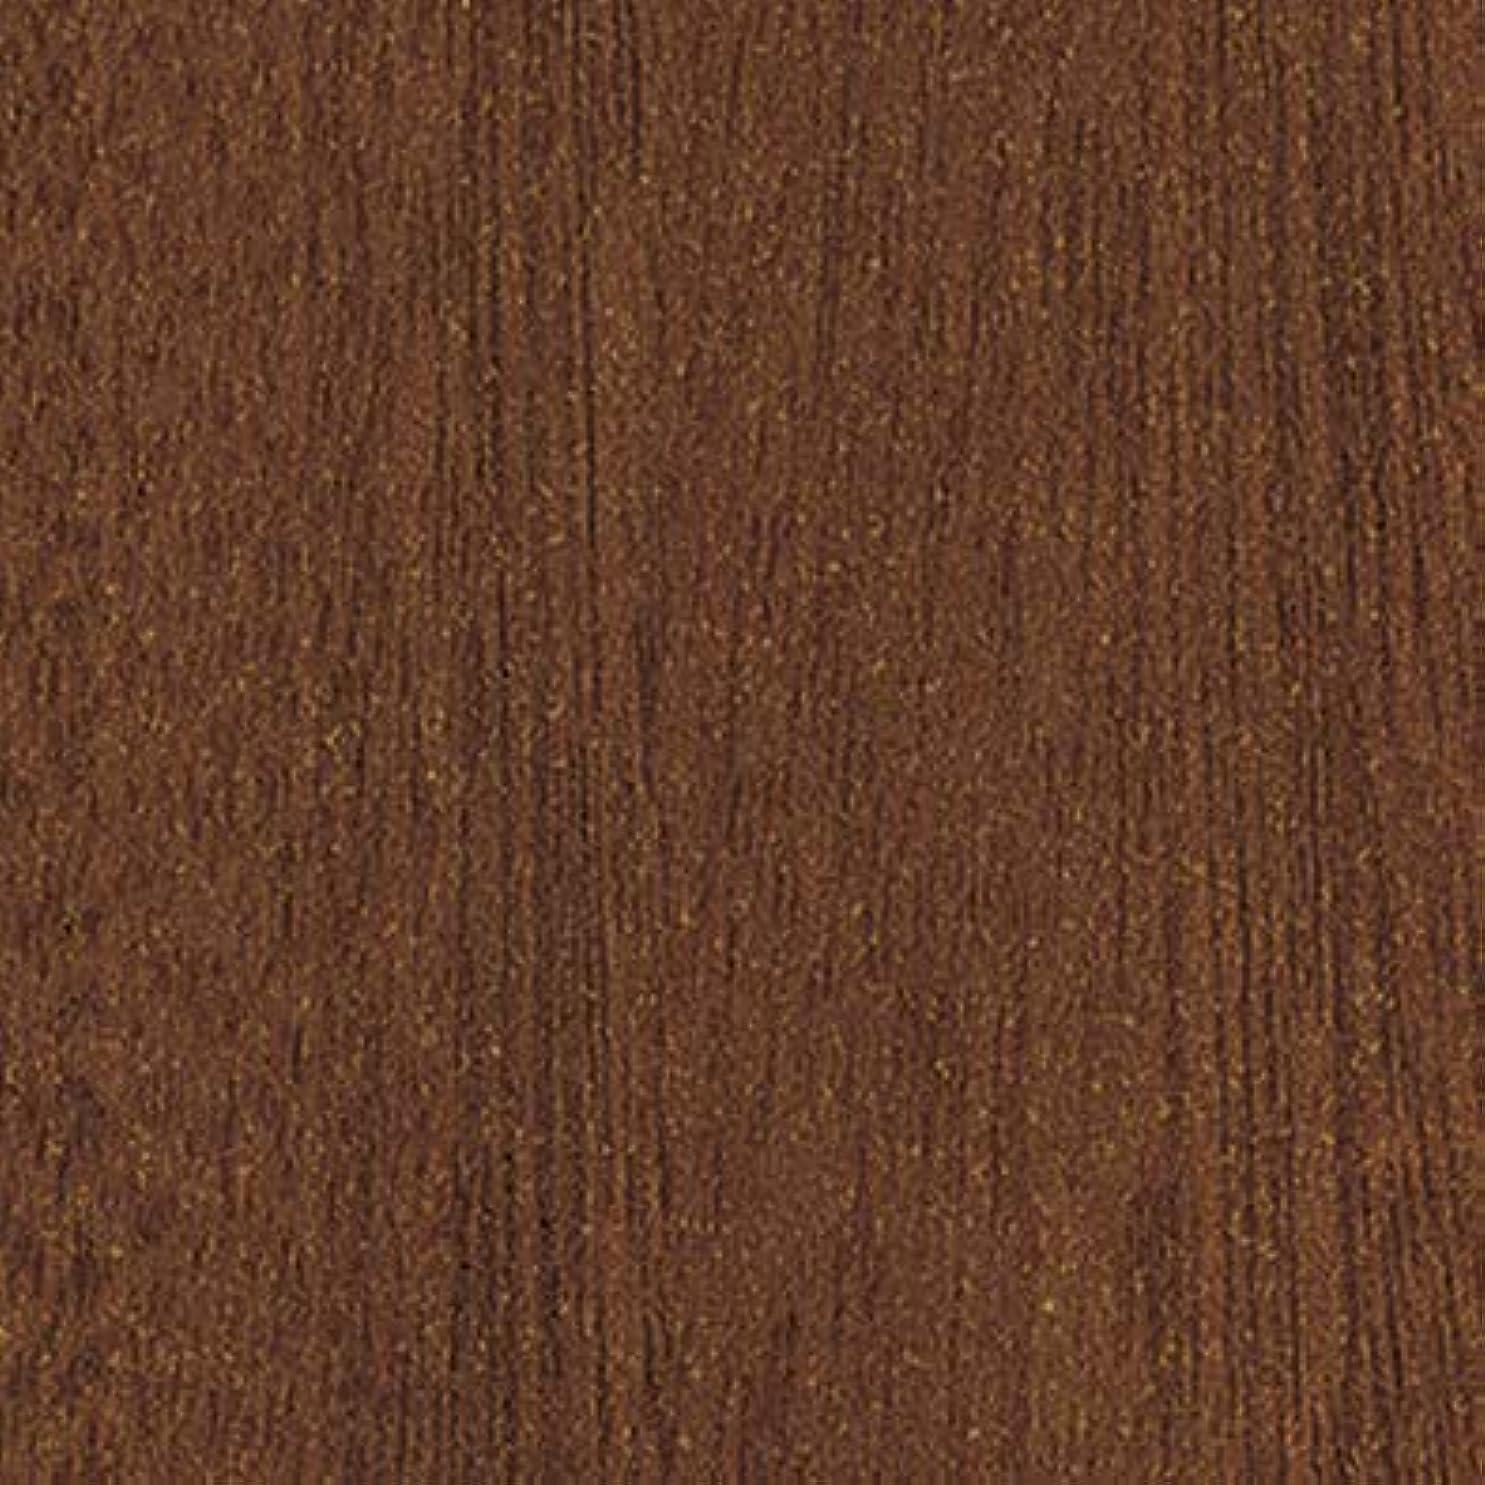 文わがままブラシメラミン化粧板 木目(ミディアムトーン) TJ-2020KQ98 3x6 マホガニー 柾目